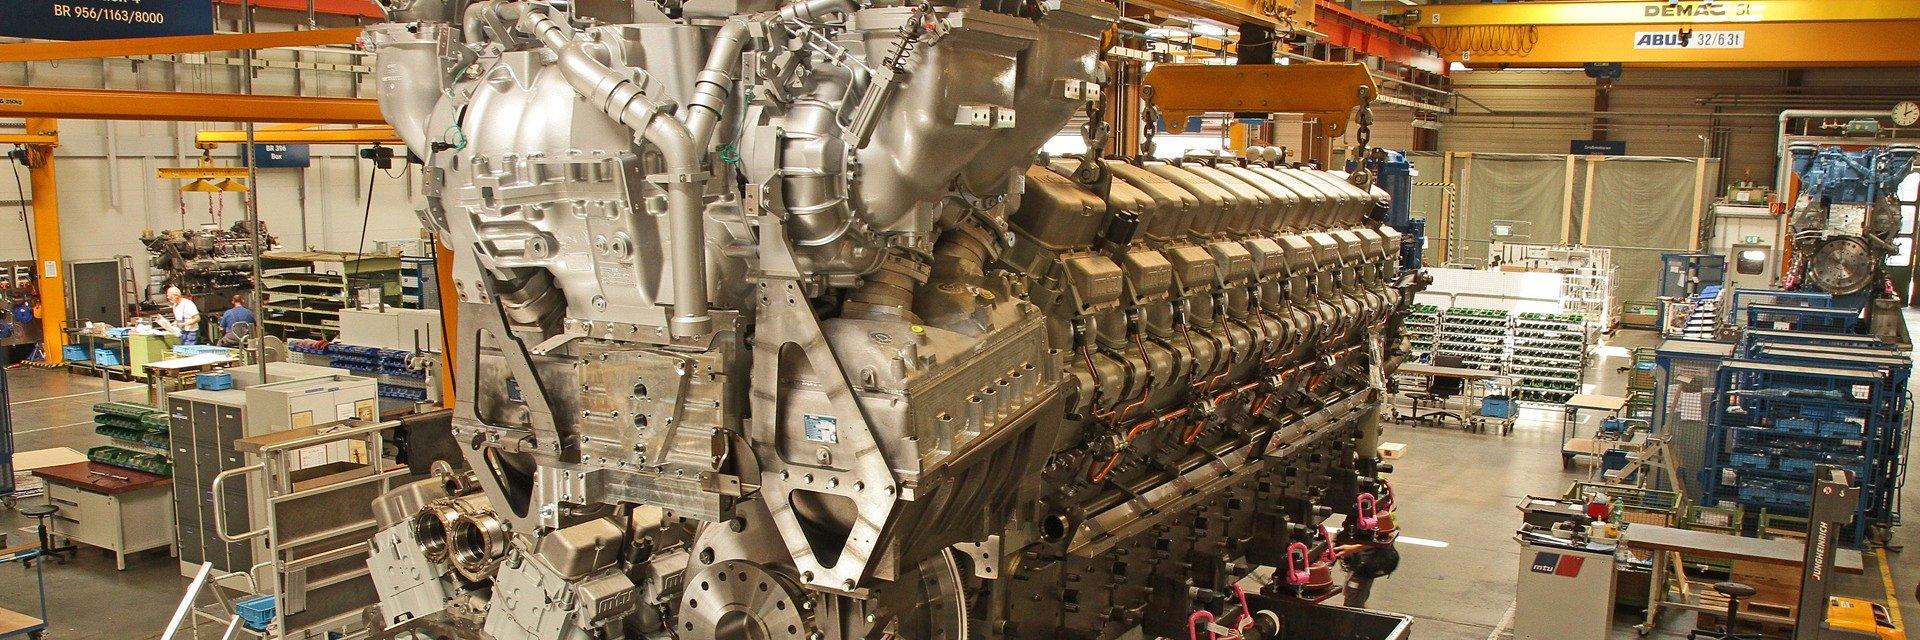 """Najcięższe, największe, najszybsze, najnowsze – to """"Maszyny wagi ciężkiej"""", które w kwietniu opanują kanał National Geographic"""